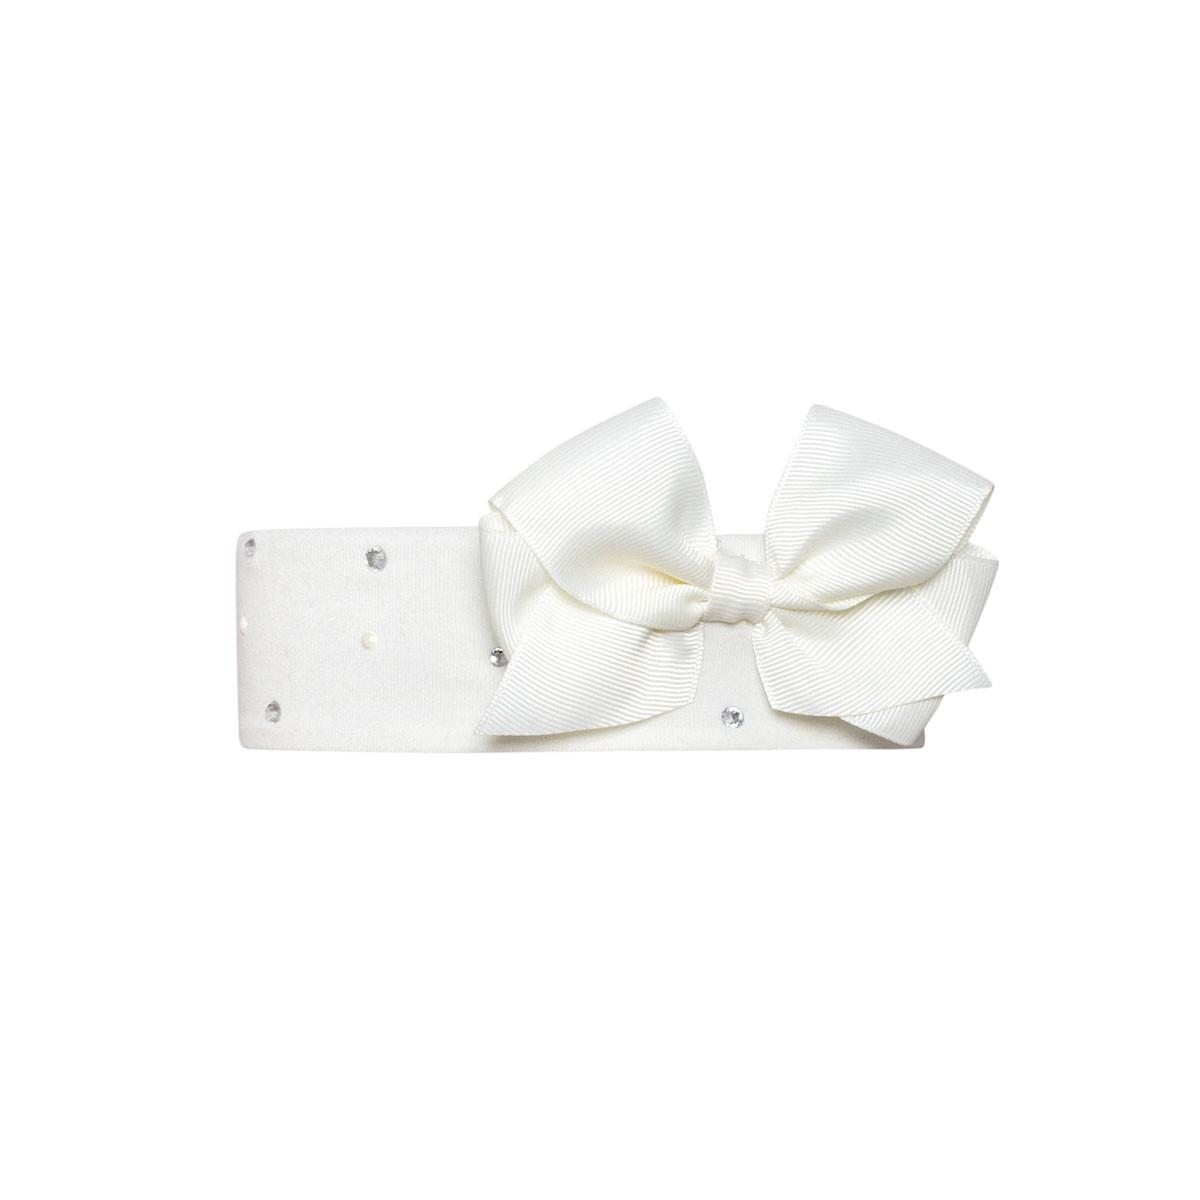 Дитяча пов'язка на голову для дівчинки Одяг для дівчаток 0-2 BARBARAS Польща CB39 Білий